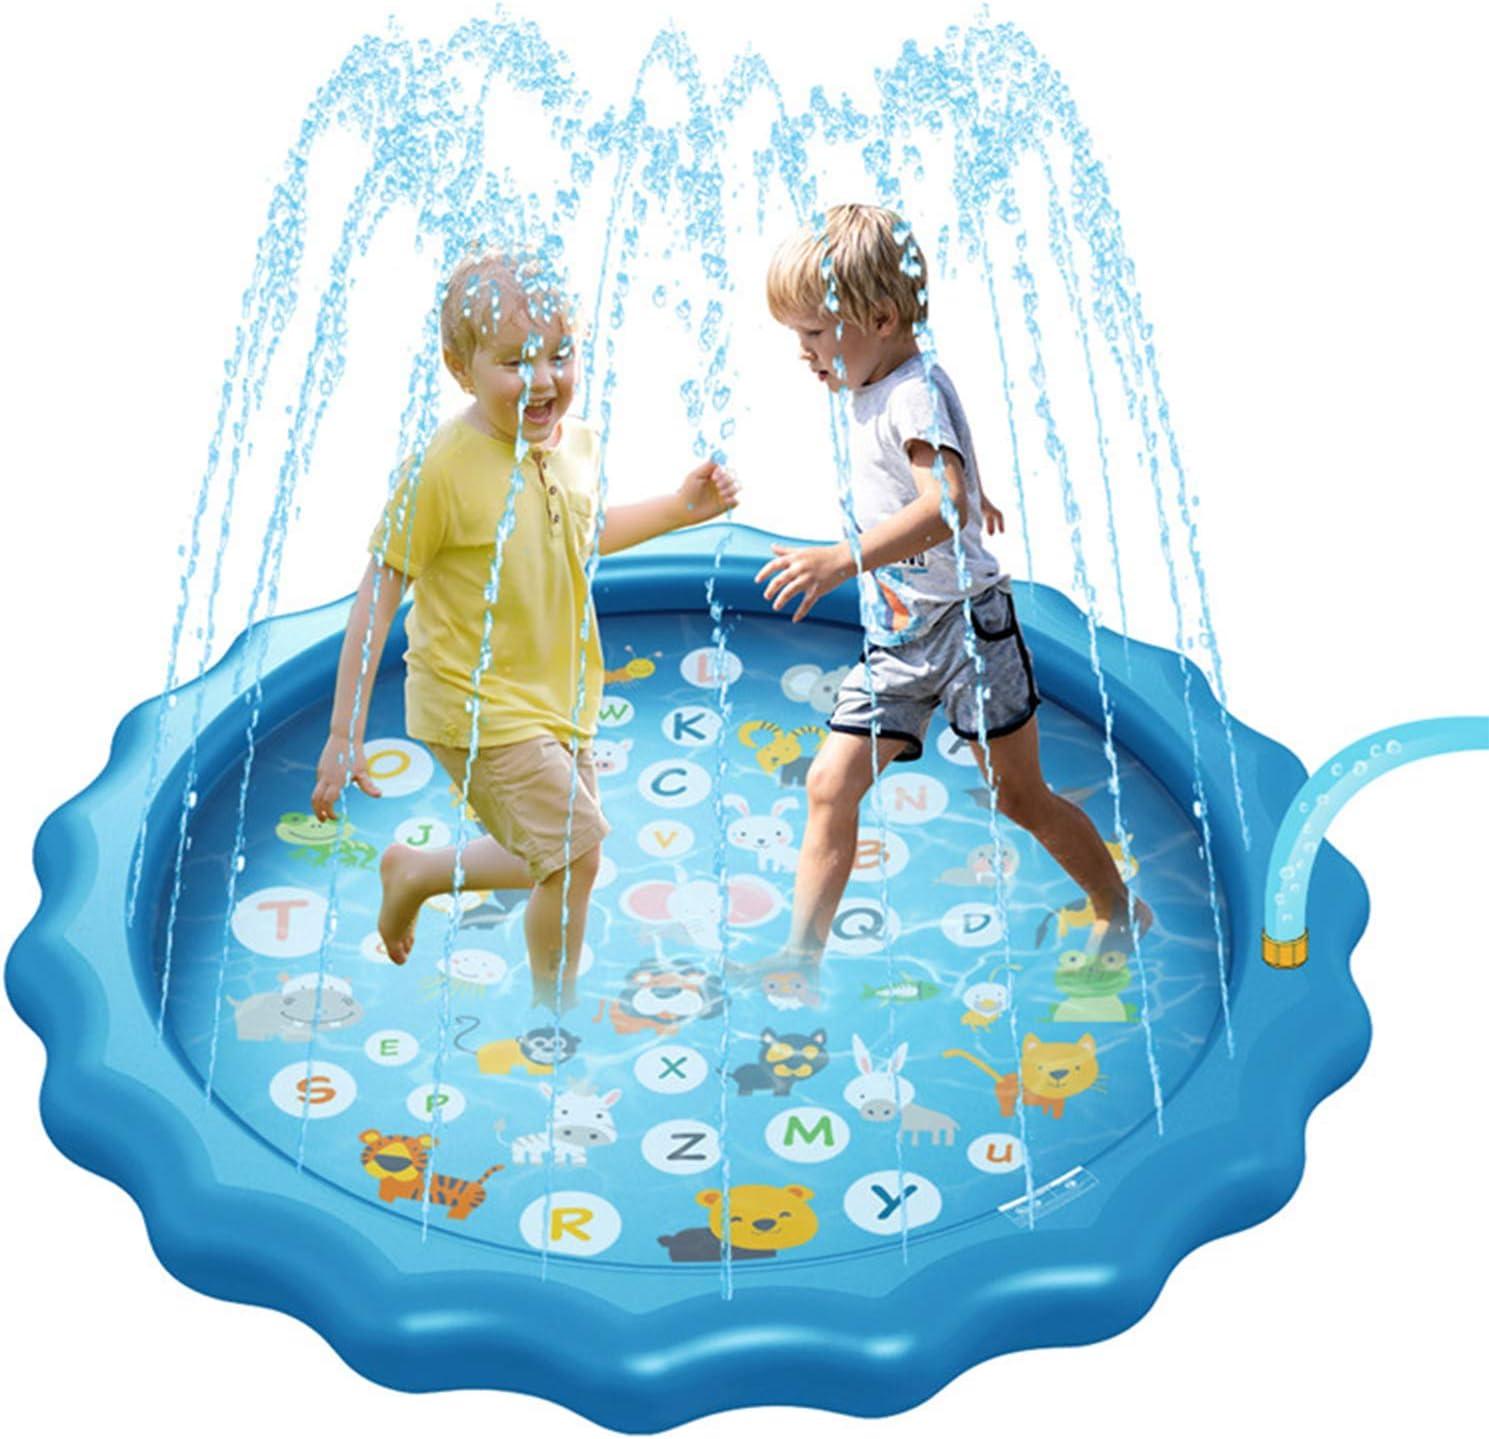 Crewell Sprinkler Pad Sprinkle Splash Spielmatte Pad Spielzeug Kinder Wasser Pool Aufblasbar Outdoor Sommer Wasser Spielzeug